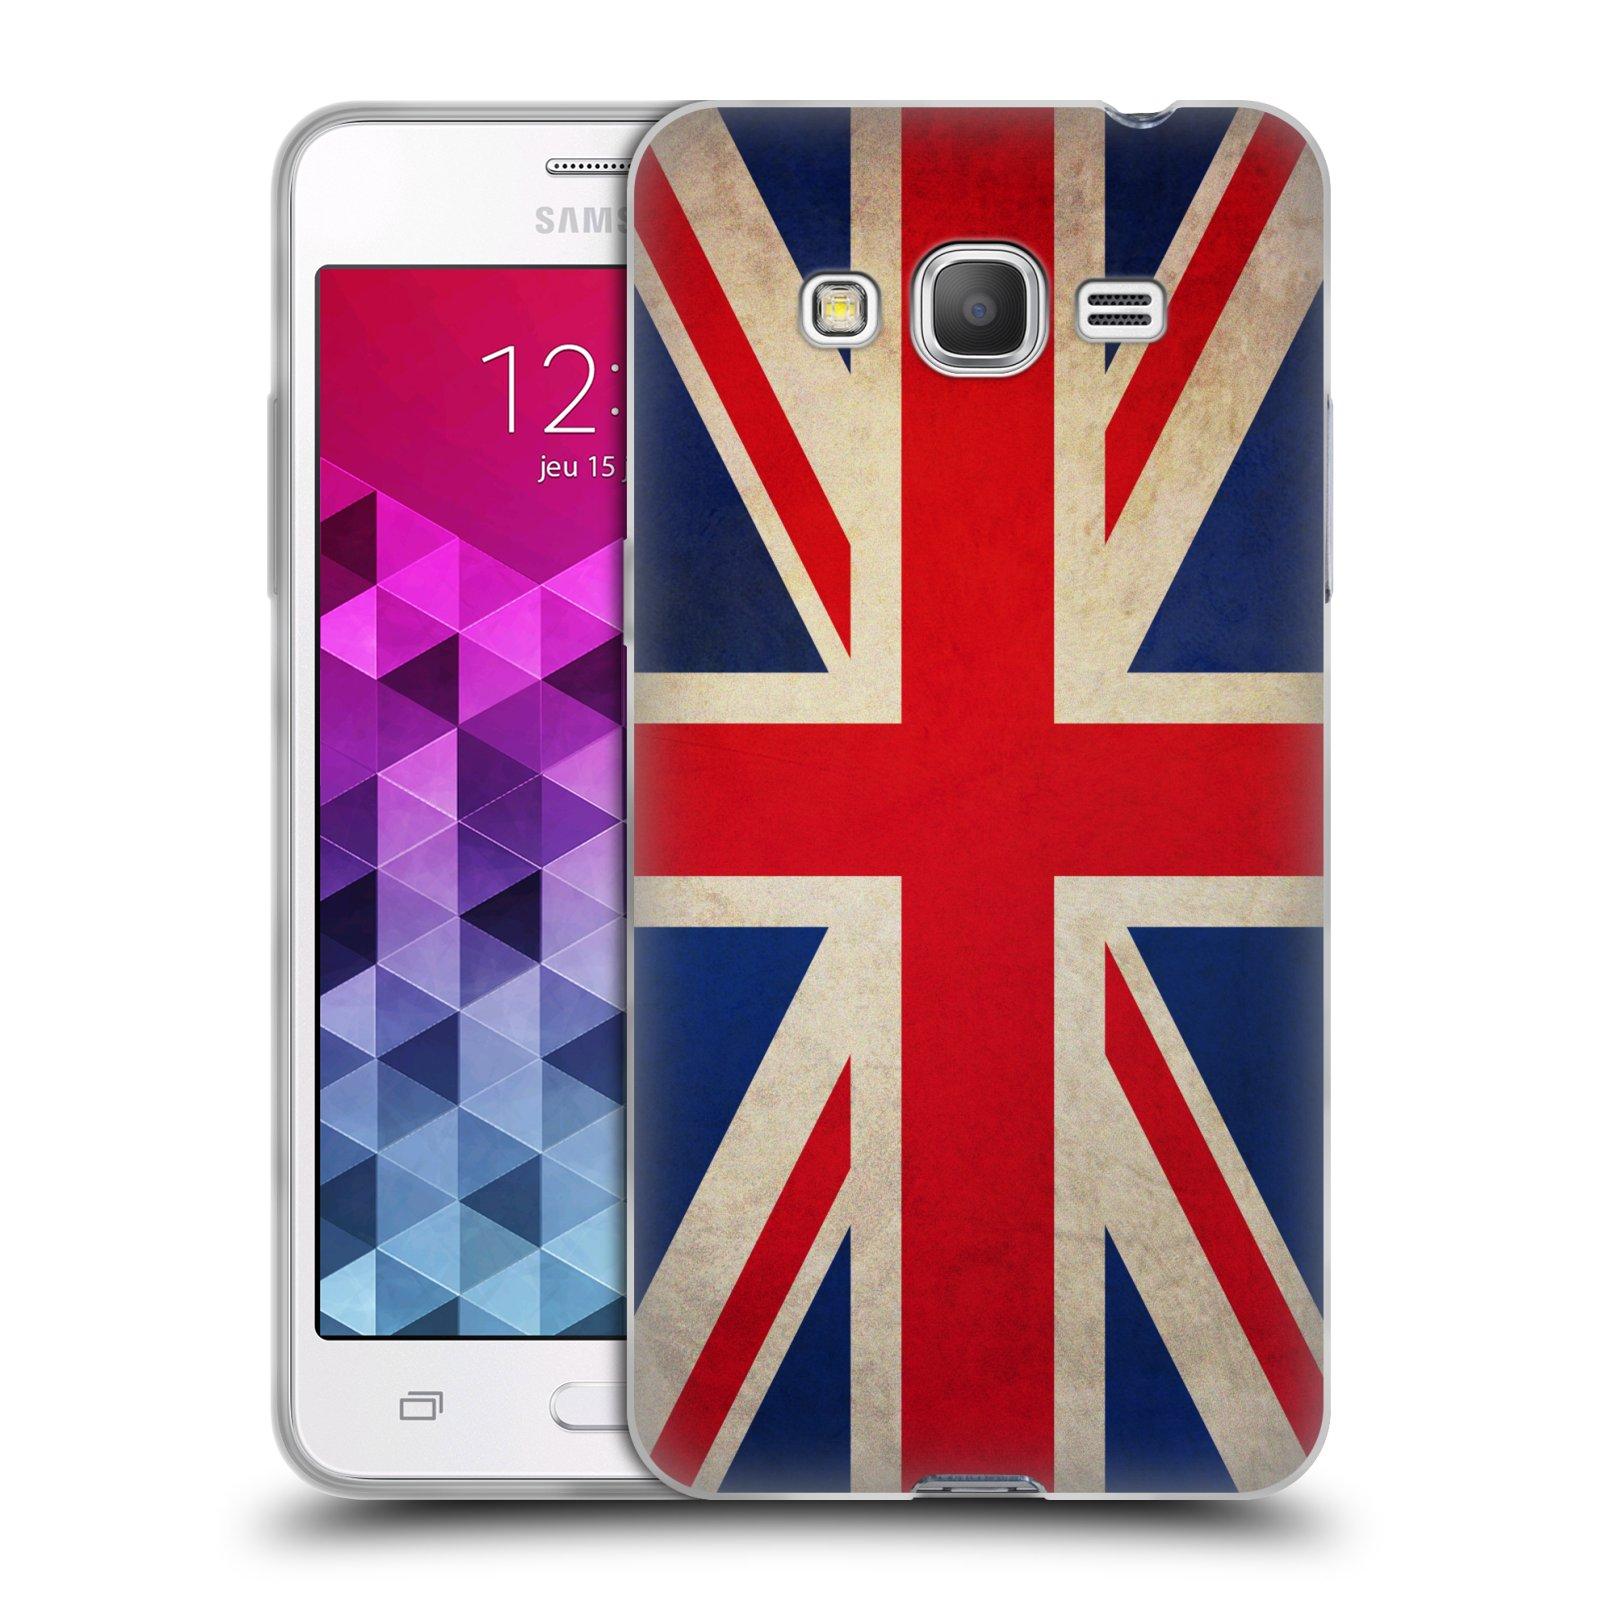 HEAD CASE silikonový obal na mobil Samsung Galaxy GRAND PRIME vzor VINTAGE VLAJKY VELKÁ BRITÁNIE